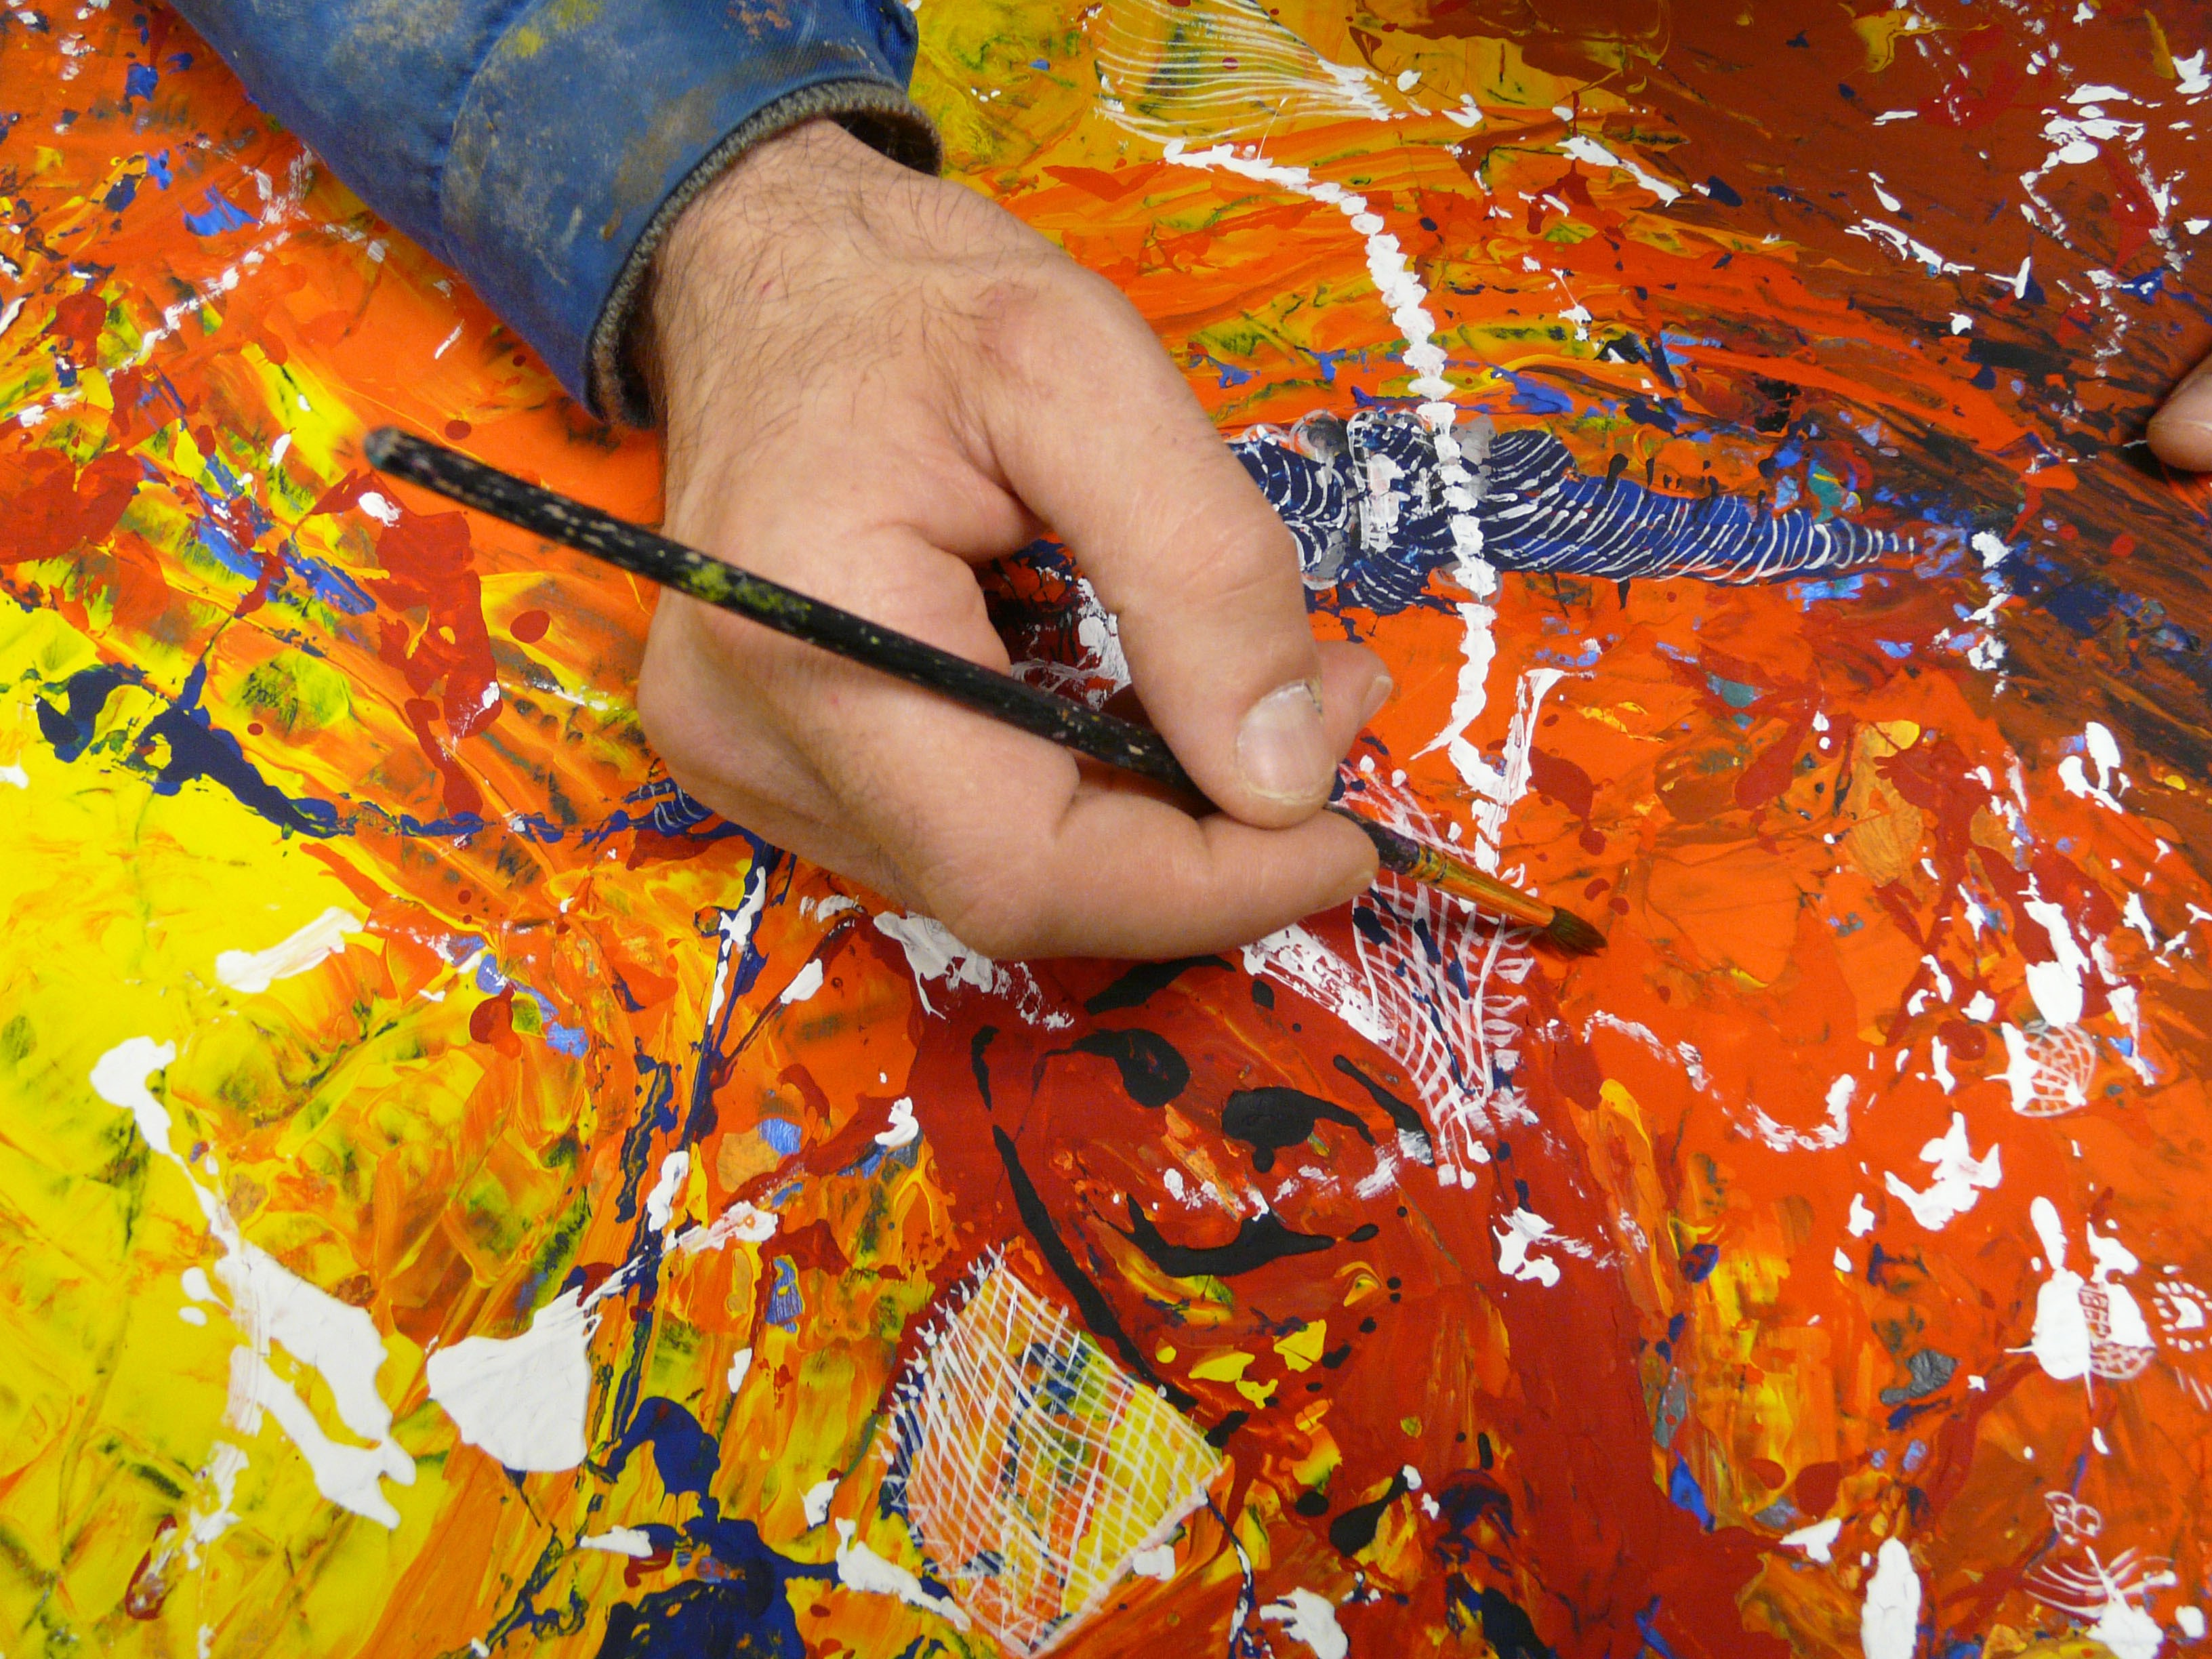 Résultat d'un épanouissement personnel, le corps, le geste, la main, se noient dans la forme et la couleur pour incarner l'émotion. La peinture est un guide qui nourrit, redonne confiance et valorise. Ces œuvres grandissent leur auteur ; on peut parfois y lire la souffrance mais plus fondamentalement la vie.